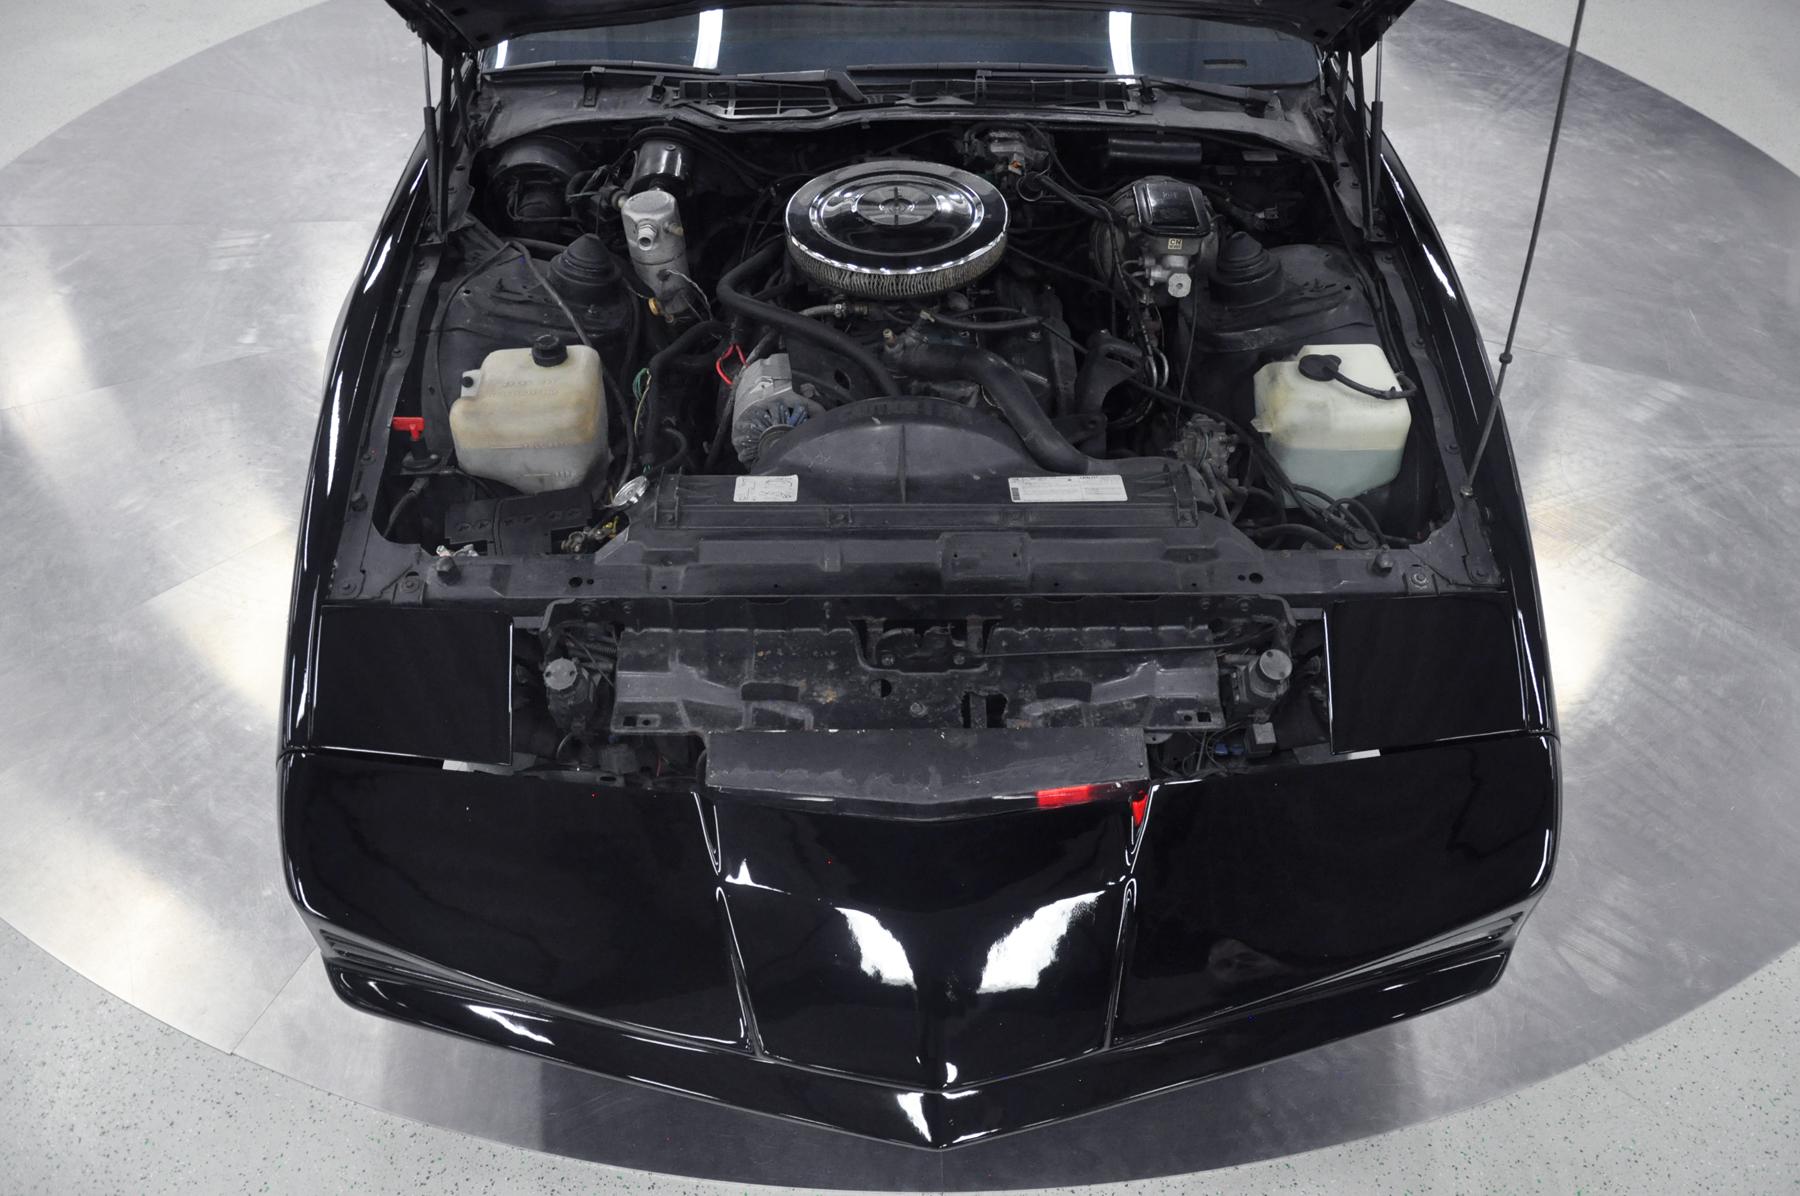 KITT - 1982 Pontiac Firebird Trans Am - Engine